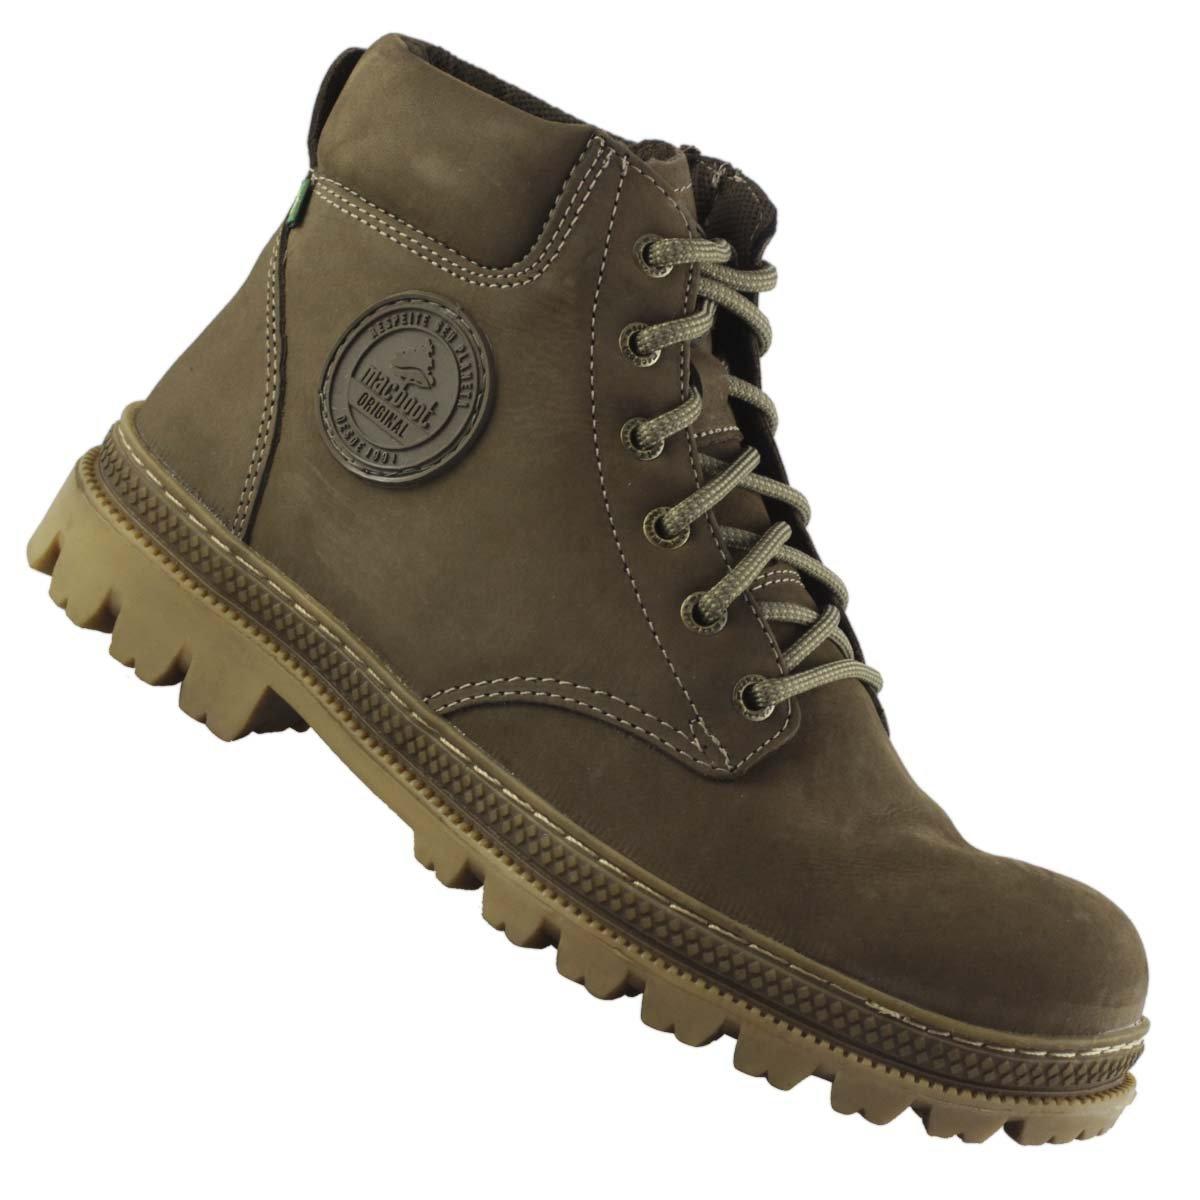 8e218ed56 Botas e Sapatos para o Inverno - Treino e Corrida